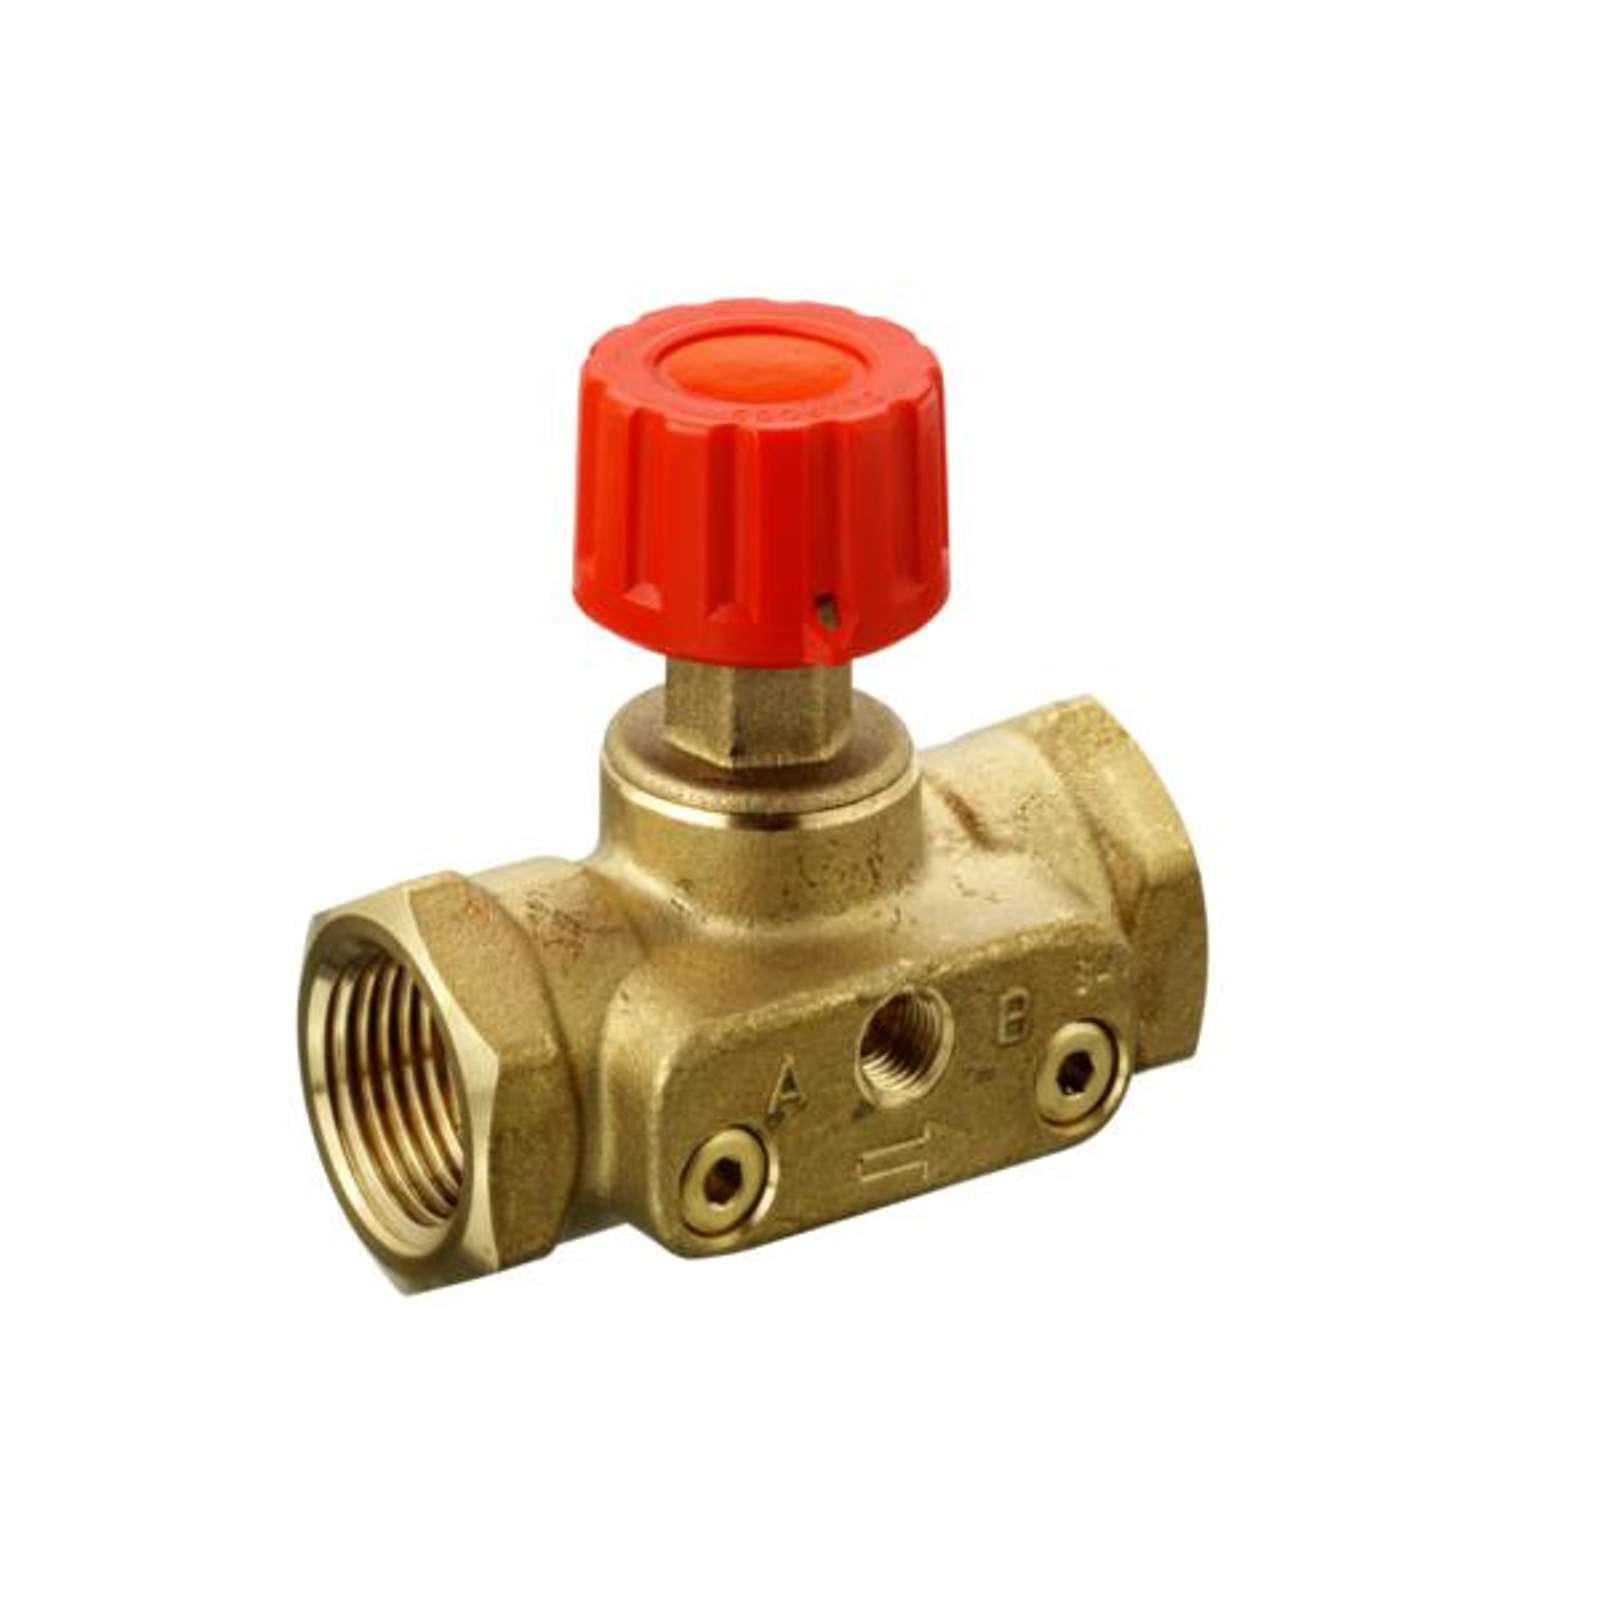 Клапан ручной запорный ASV-M, Ду20, Ру16, ВР, с возможностью подключения измерительных ниппелей, DANFOSS 003L7692